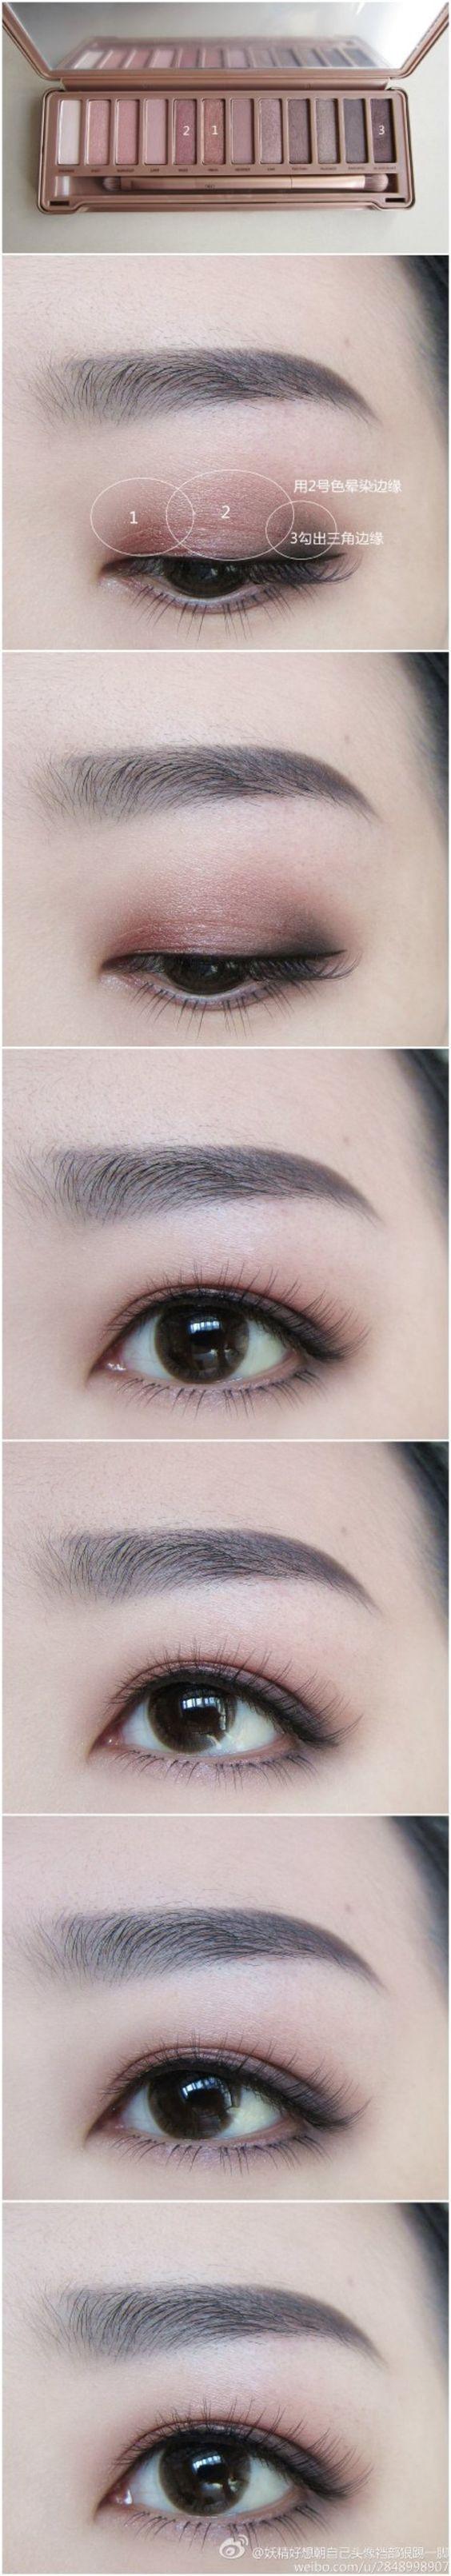 asian make up: